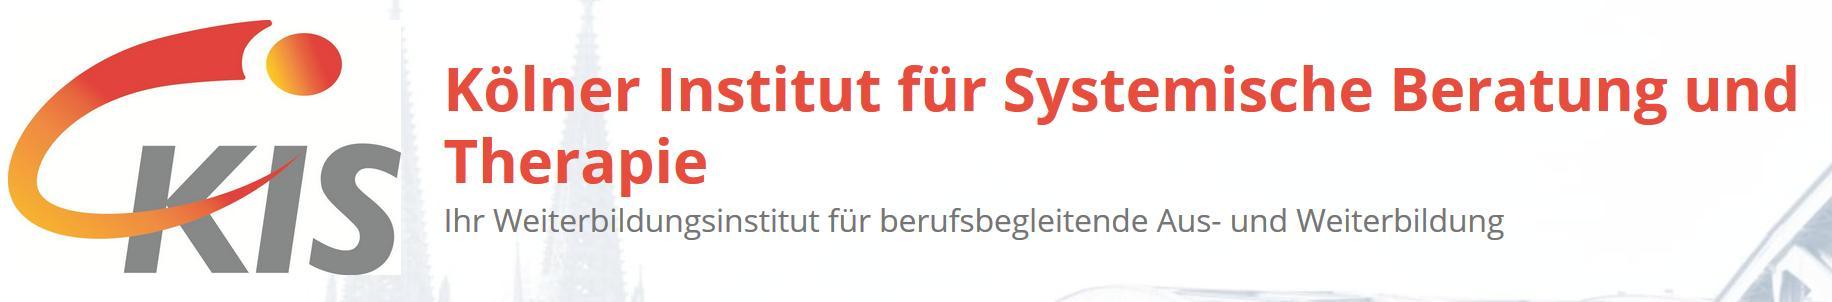 Kölner Institut für Systemische Beratung und Therapie